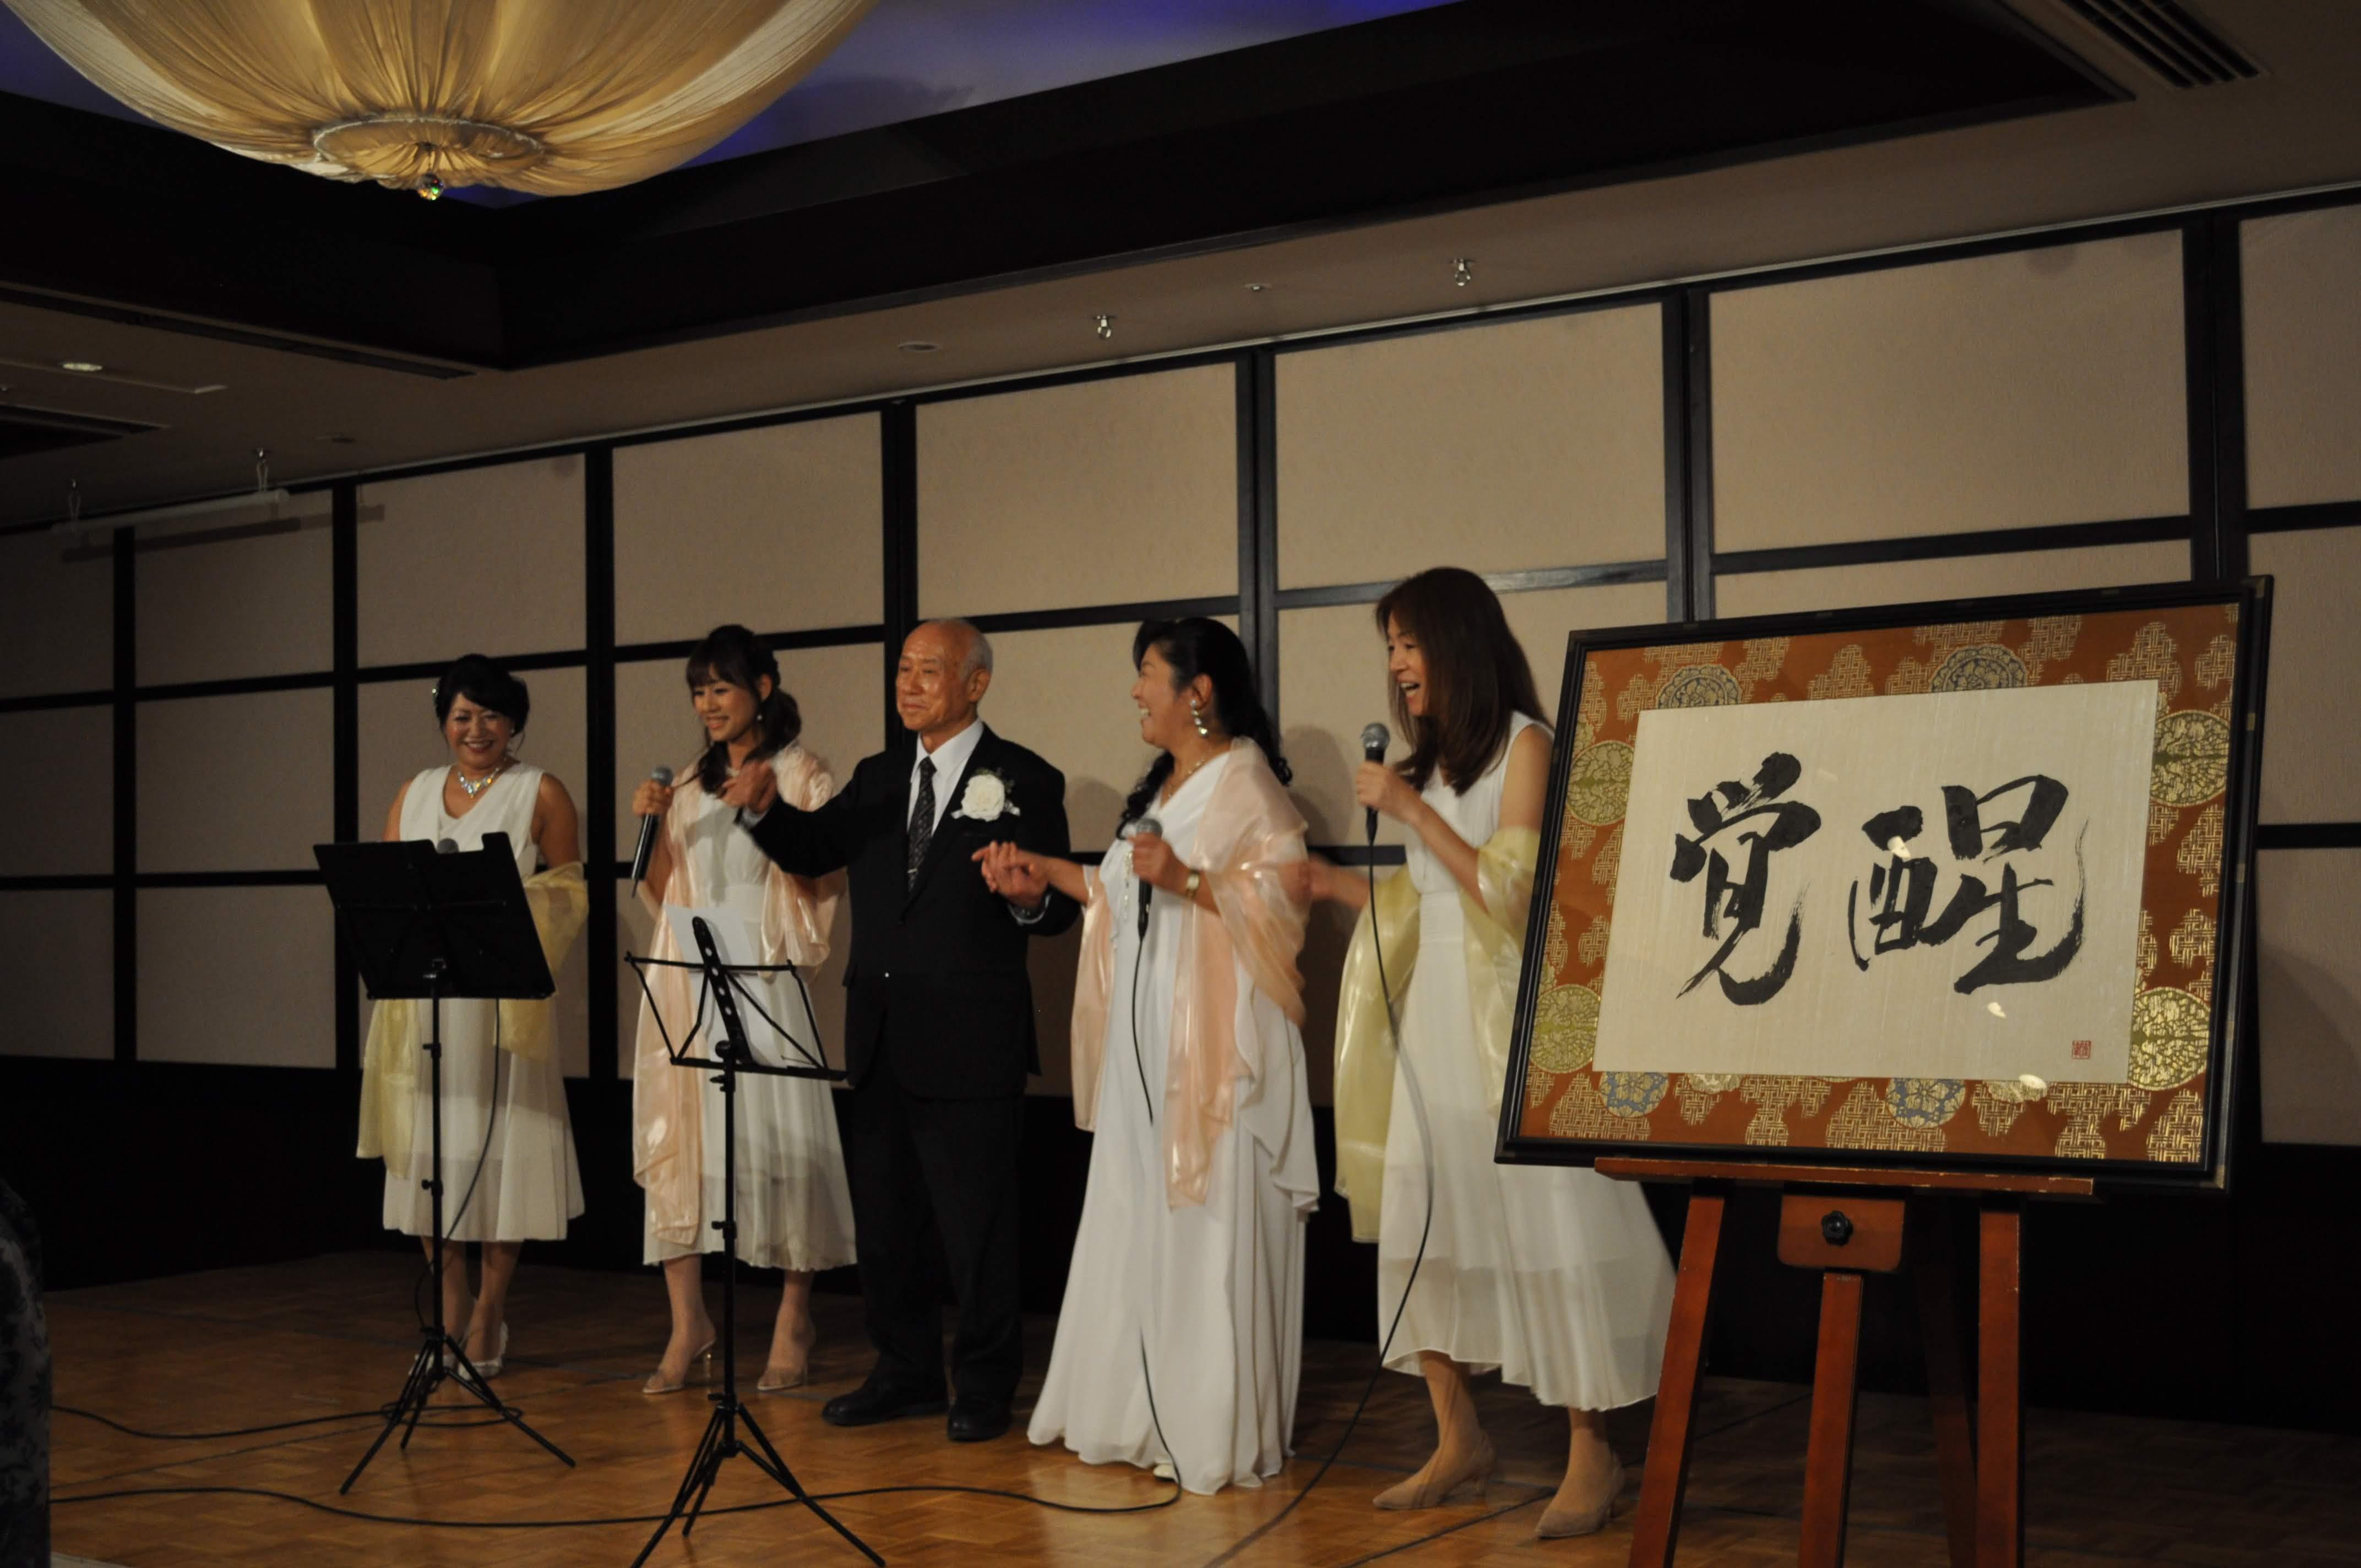 DSC 0533 1 - 思風会全国大会in広島